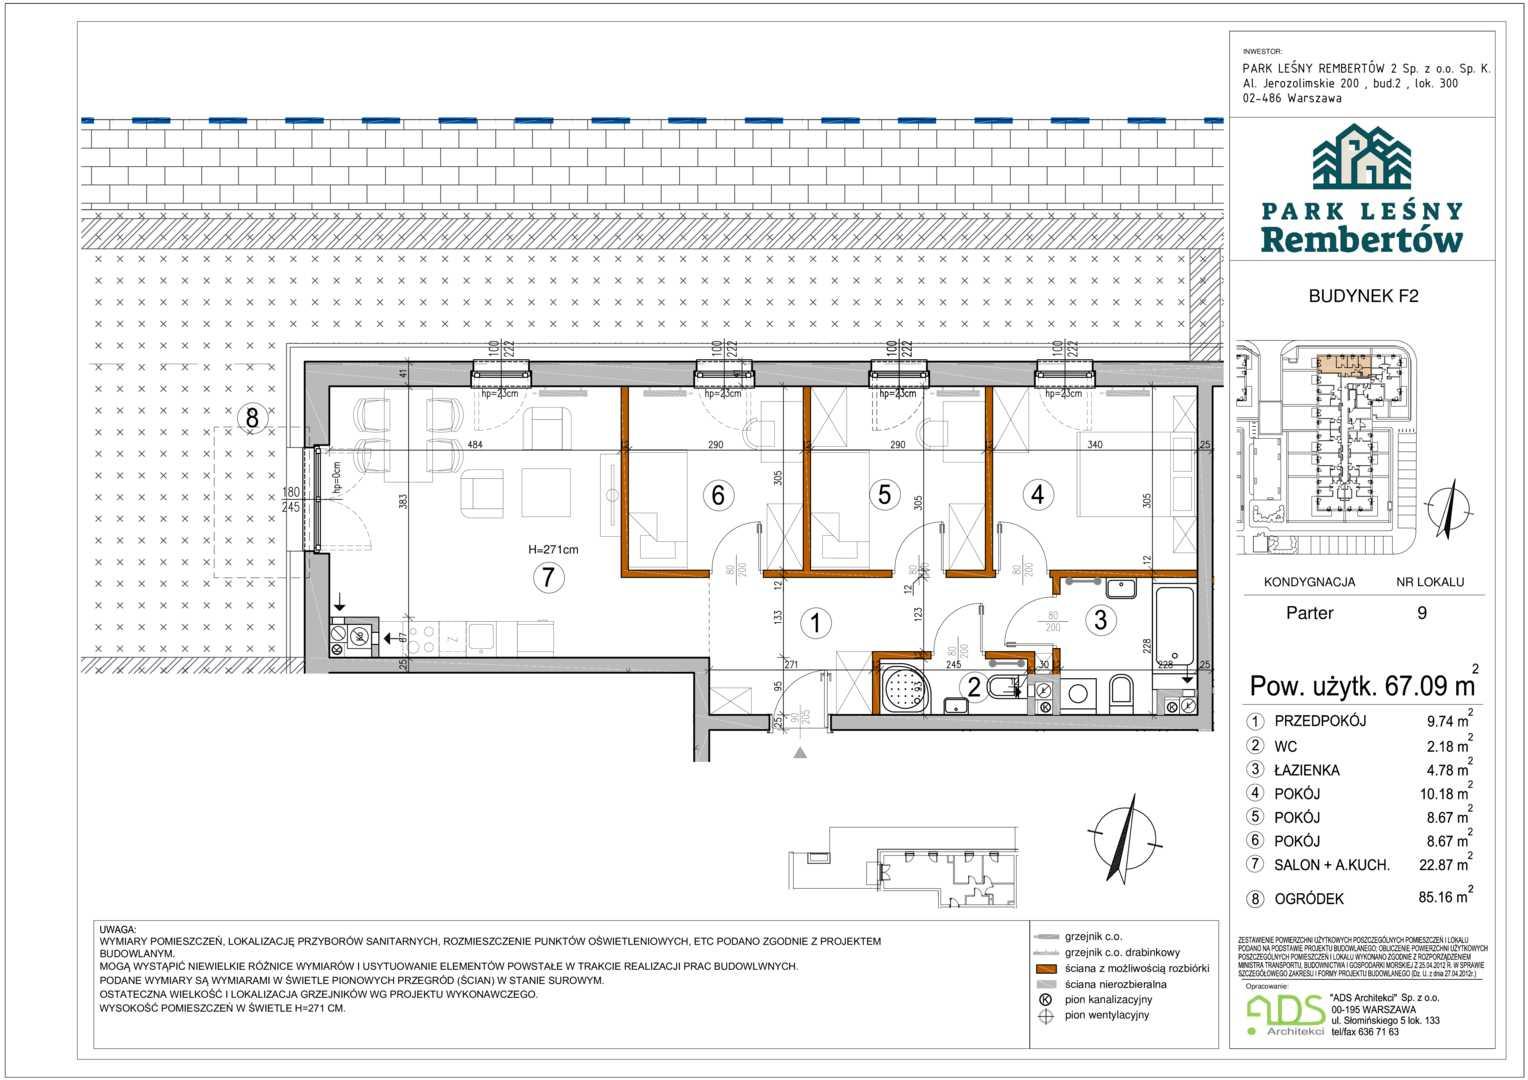 Mieszkanie w inwestycji: Park Leśny Rembertów Etap III i IV